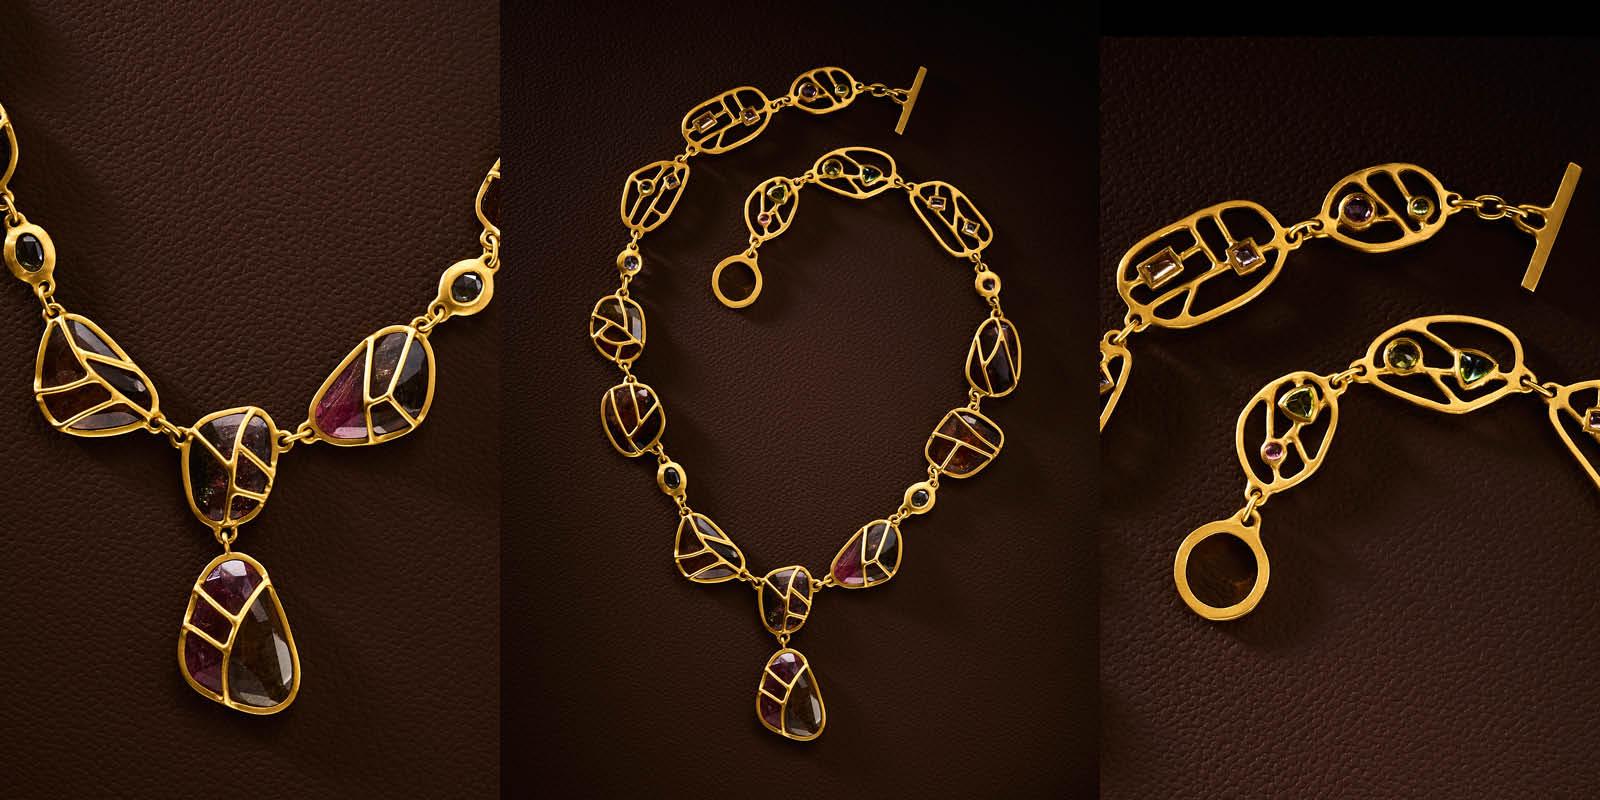 22 karat gold and tourmalines